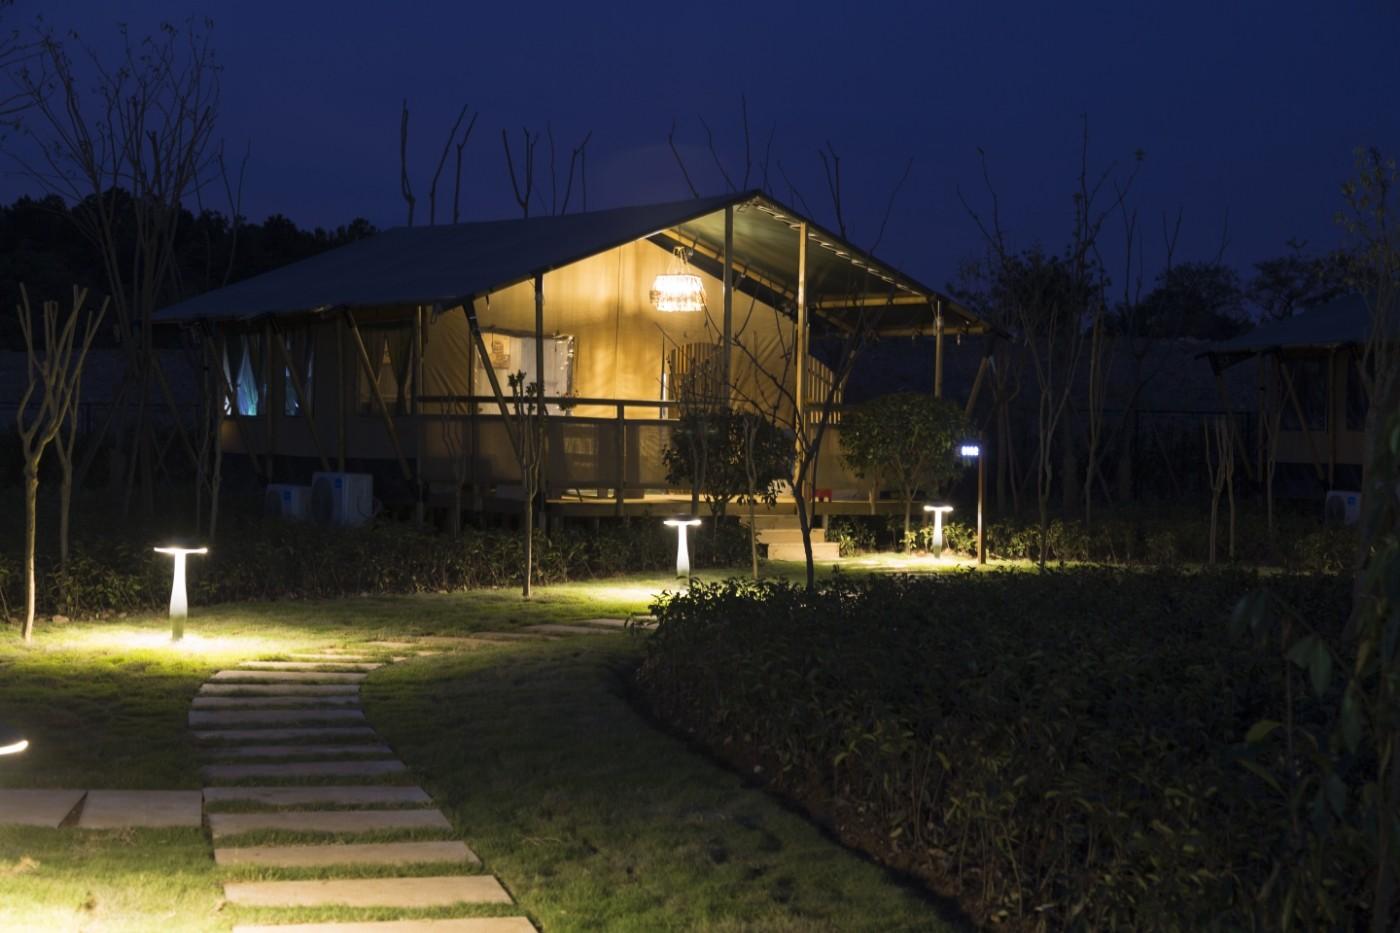 喜马拉雅野奢帐篷酒店—太湖湾露营谷16